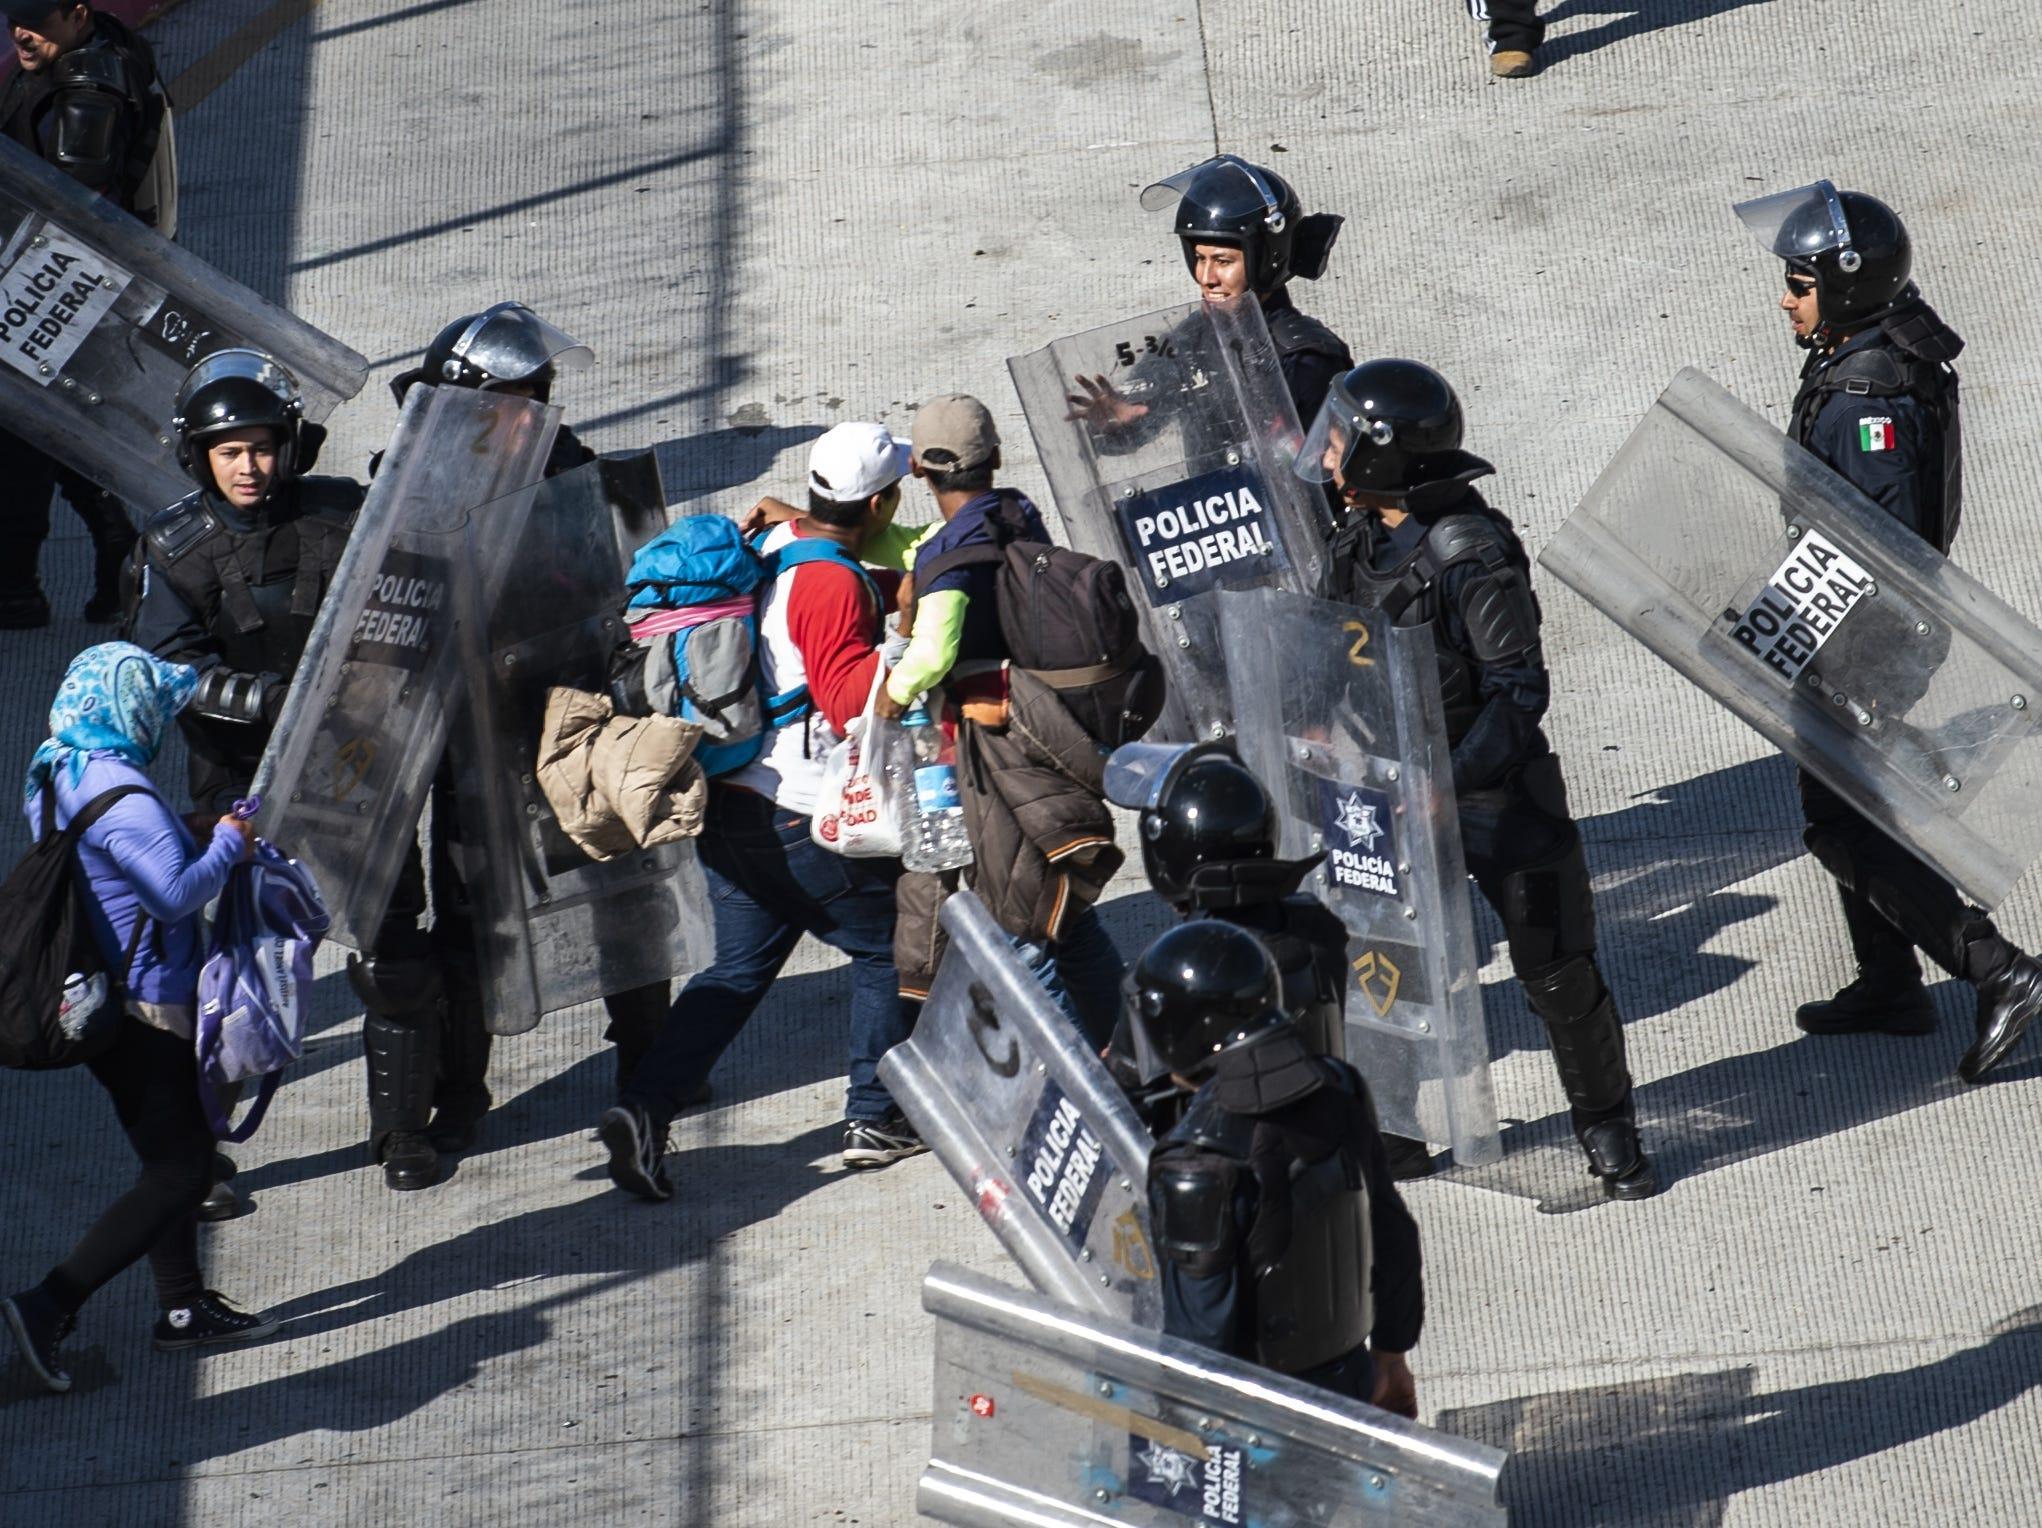 Los migrantes centroamericanos, en su mayoría hondureños, son bloqueados por las fuerzas policiales mexicanas cuando llegan al cruce fronterizo de El Chaparral, en Tijuana, estado de Baja California, México, el 25 de noviembre de 2018.